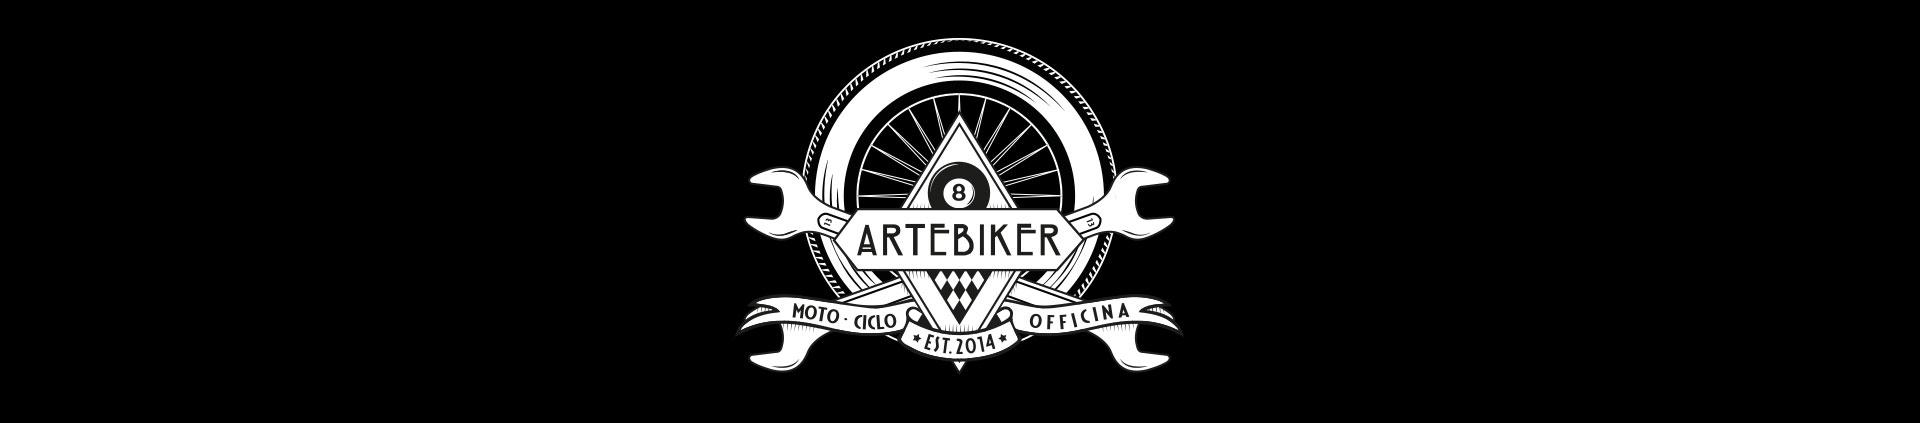 ARTEBIKER_LOGO_WP